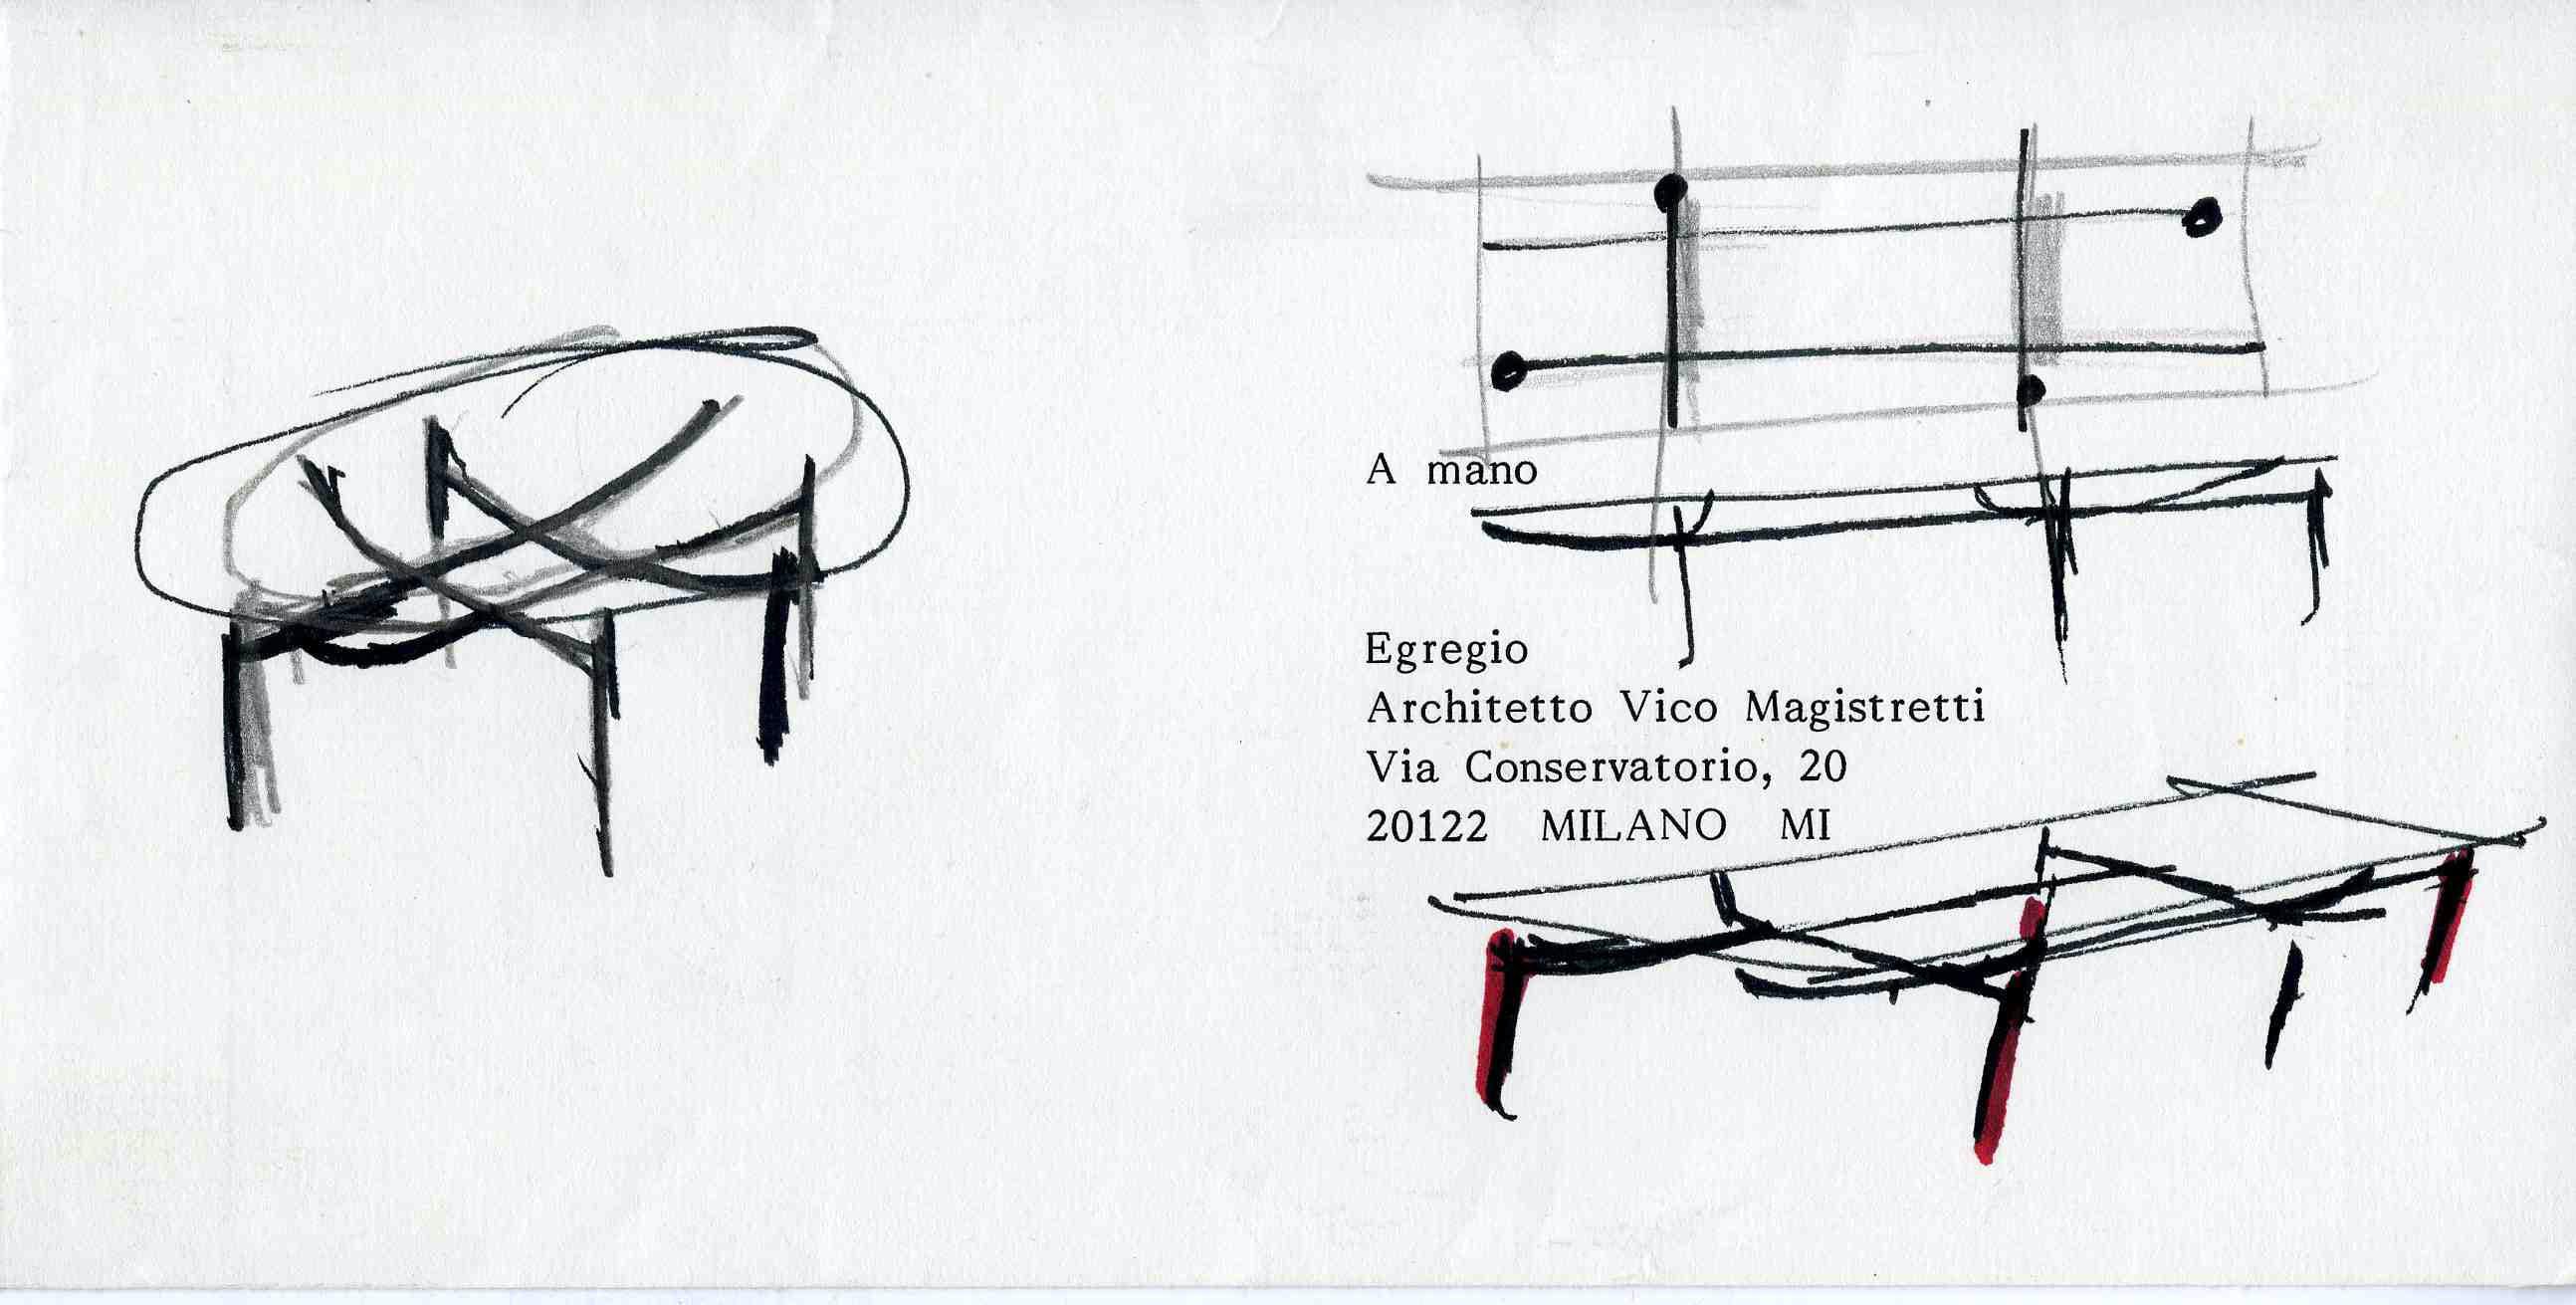 Disegno per tavolo Edison © Archivio Studio Magistretti - Fondazione Vico Magistretti